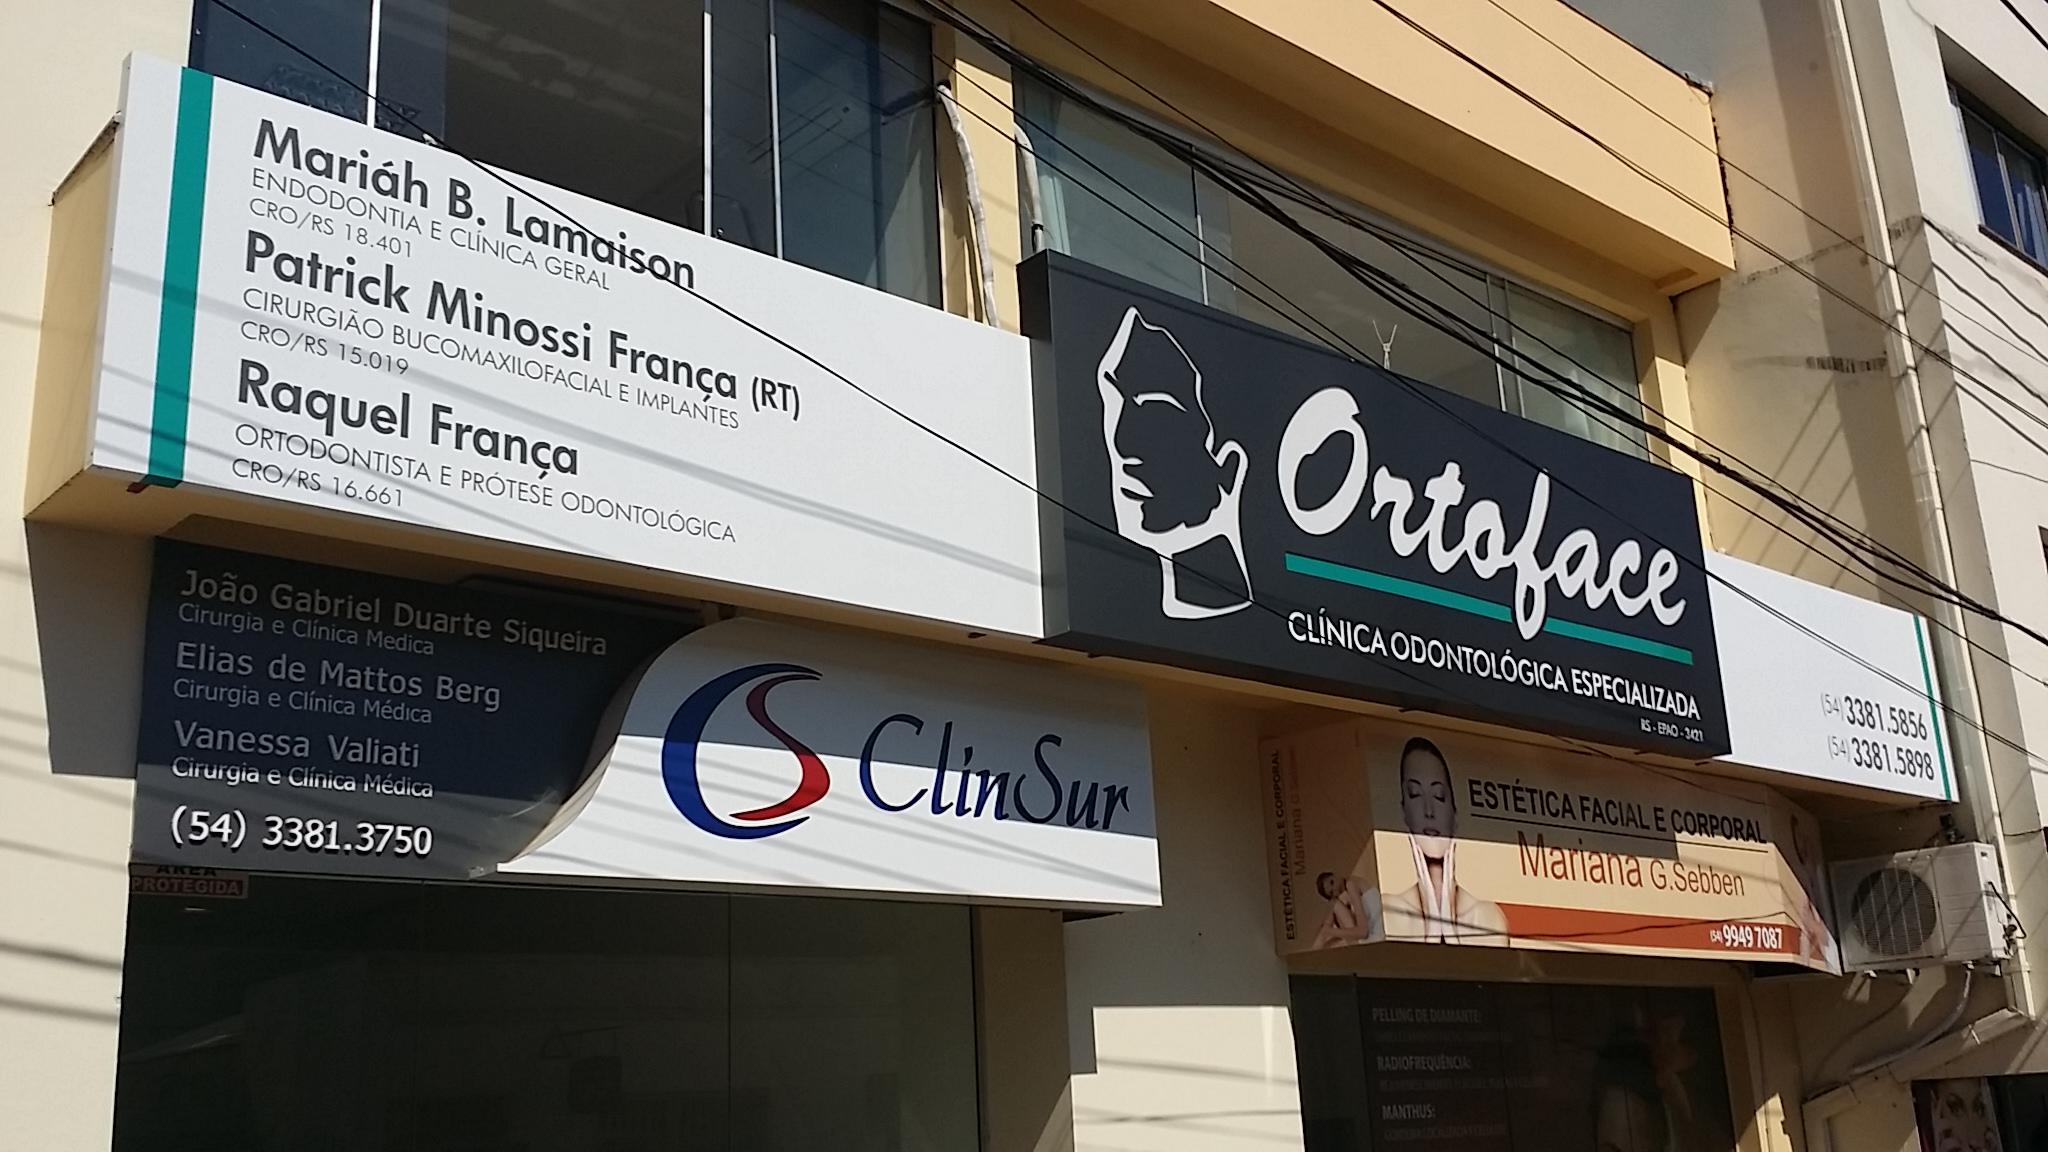 Ortoface 2